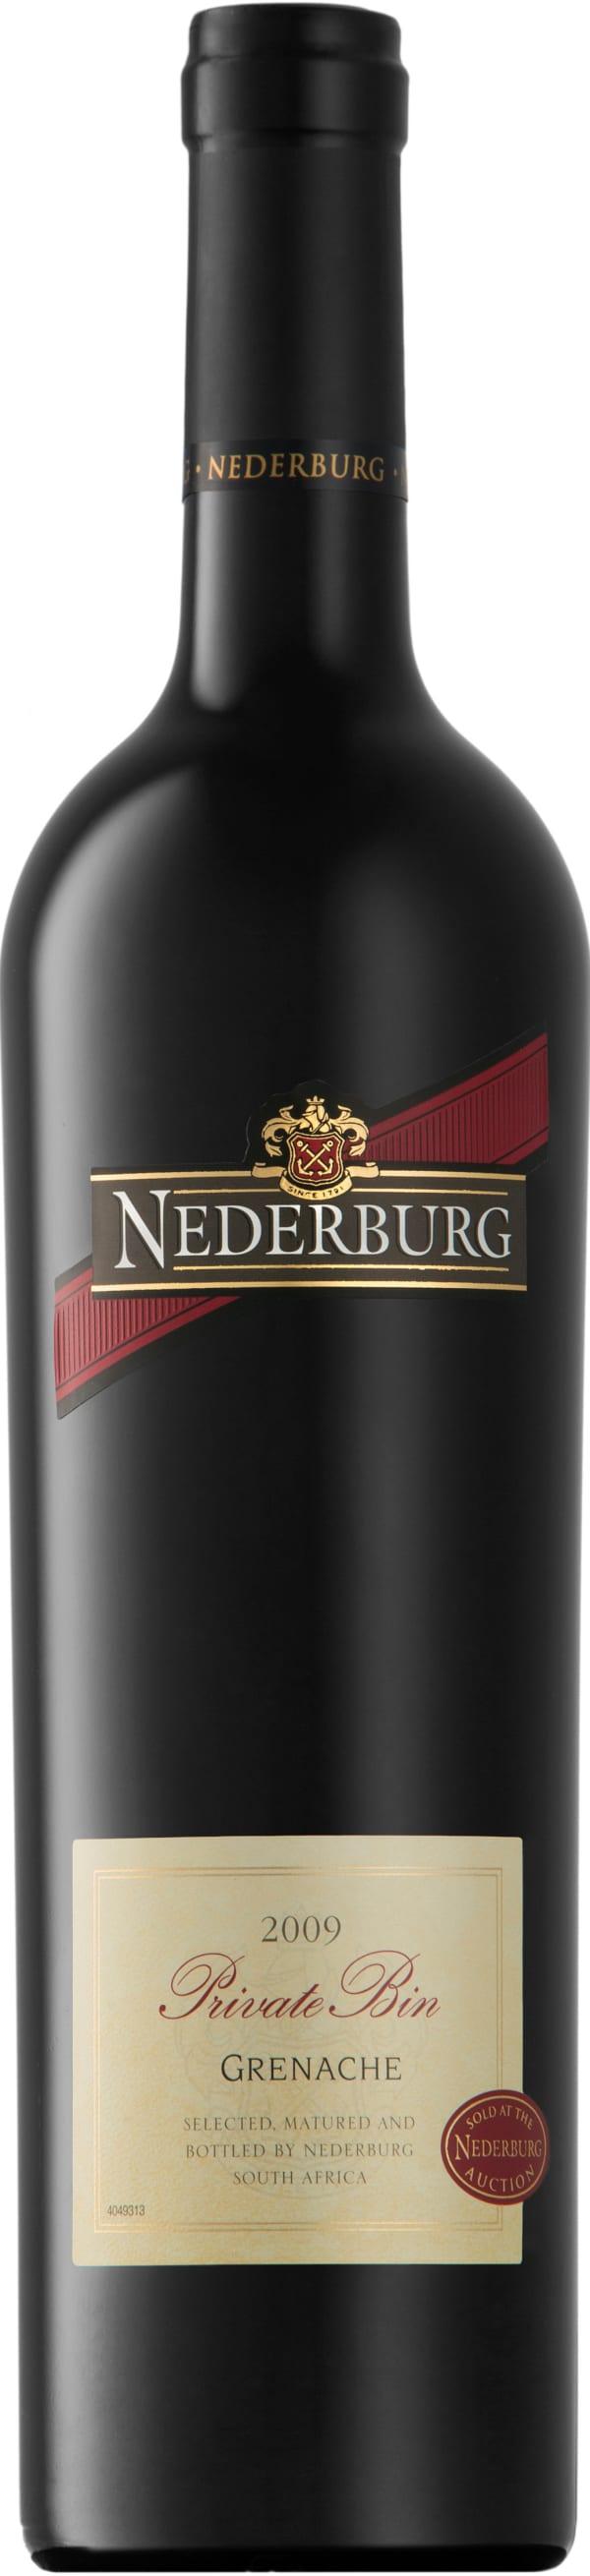 Nederburg Private Bin Grenache 2009